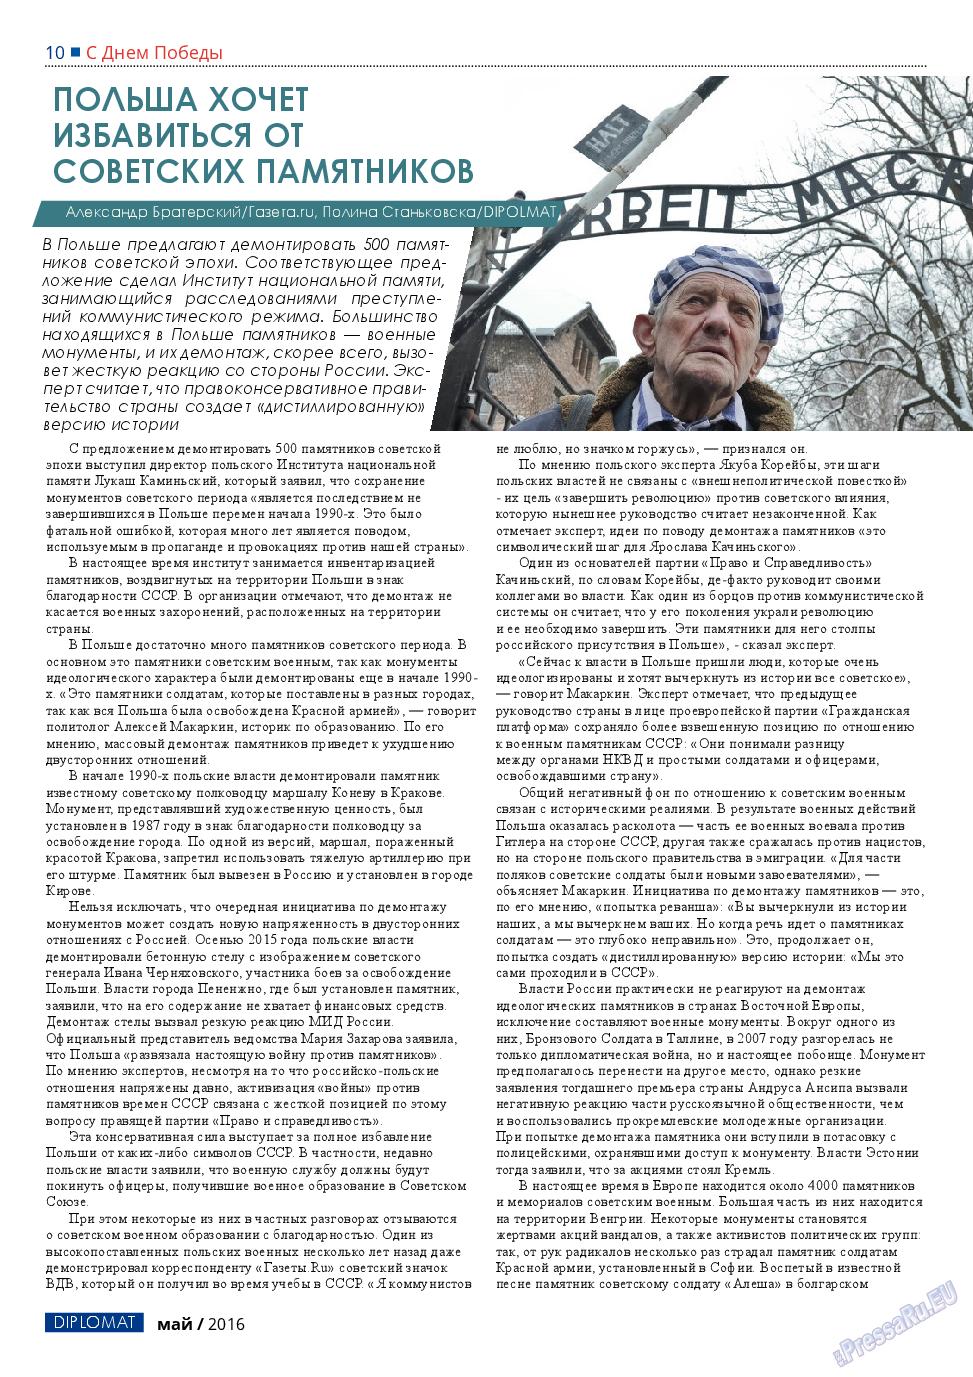 Diplomat (газета). 2016 год, номер 80, стр. 10